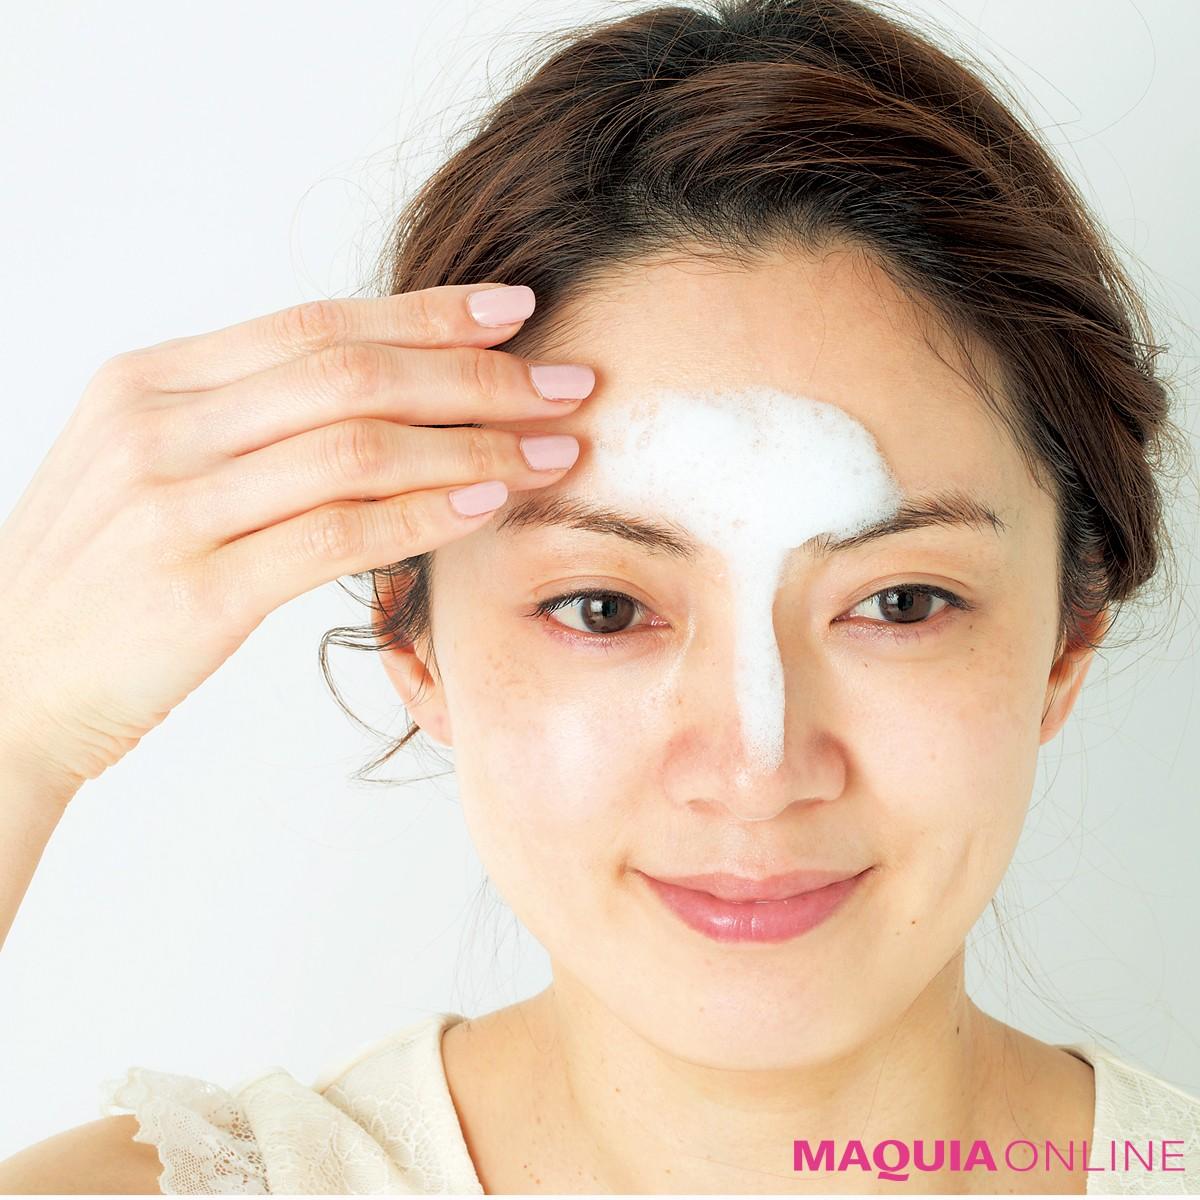 頑固な【つまり毛穴】を退治するスペシャル洗顔法を教えて!